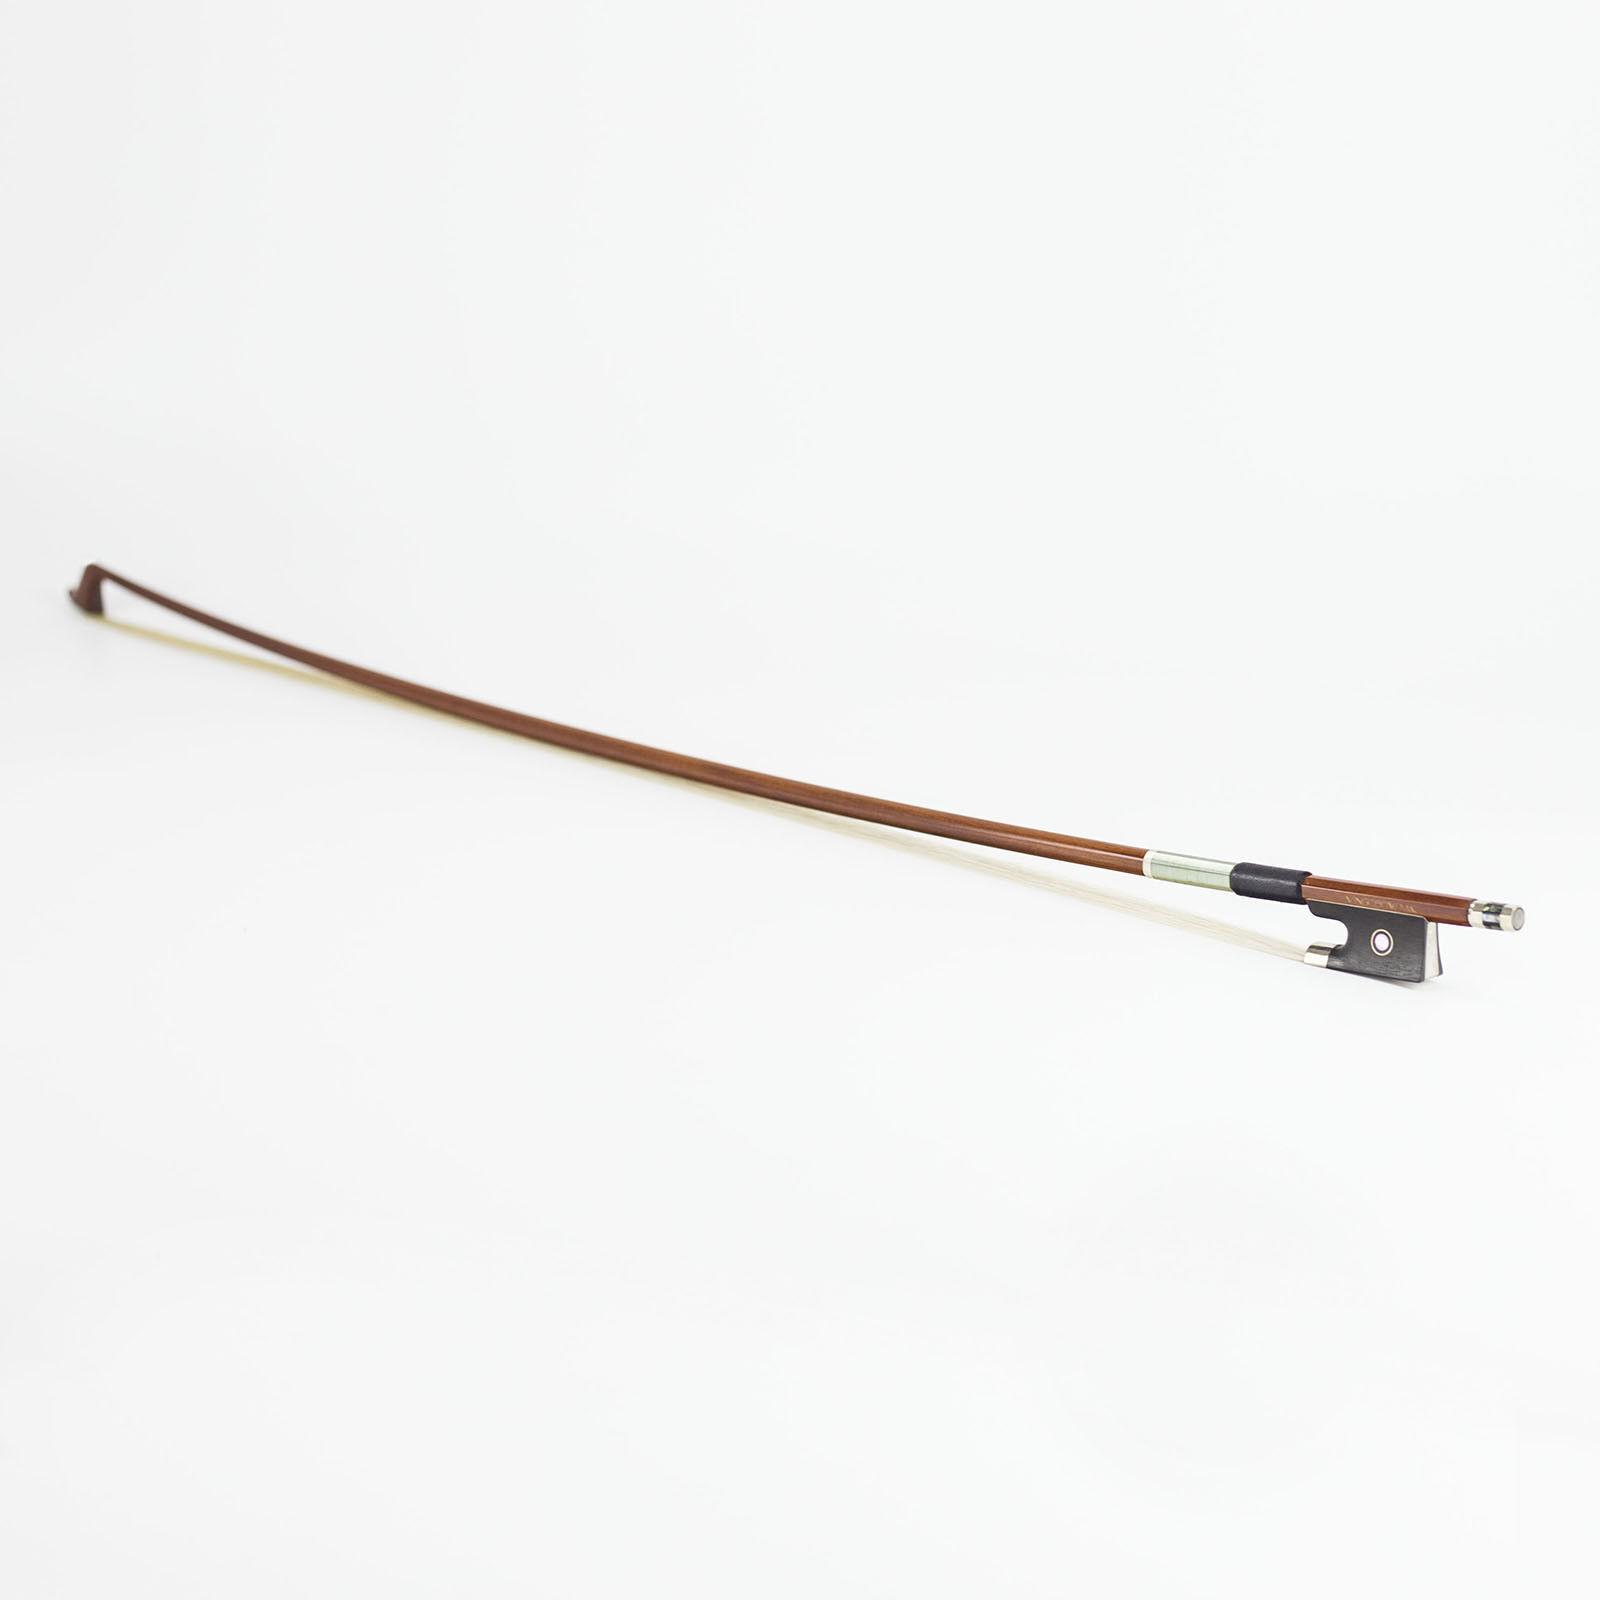 Arco de violín   Pernambuco Violin Bow for 813V Professional Players 813V for 9326f2